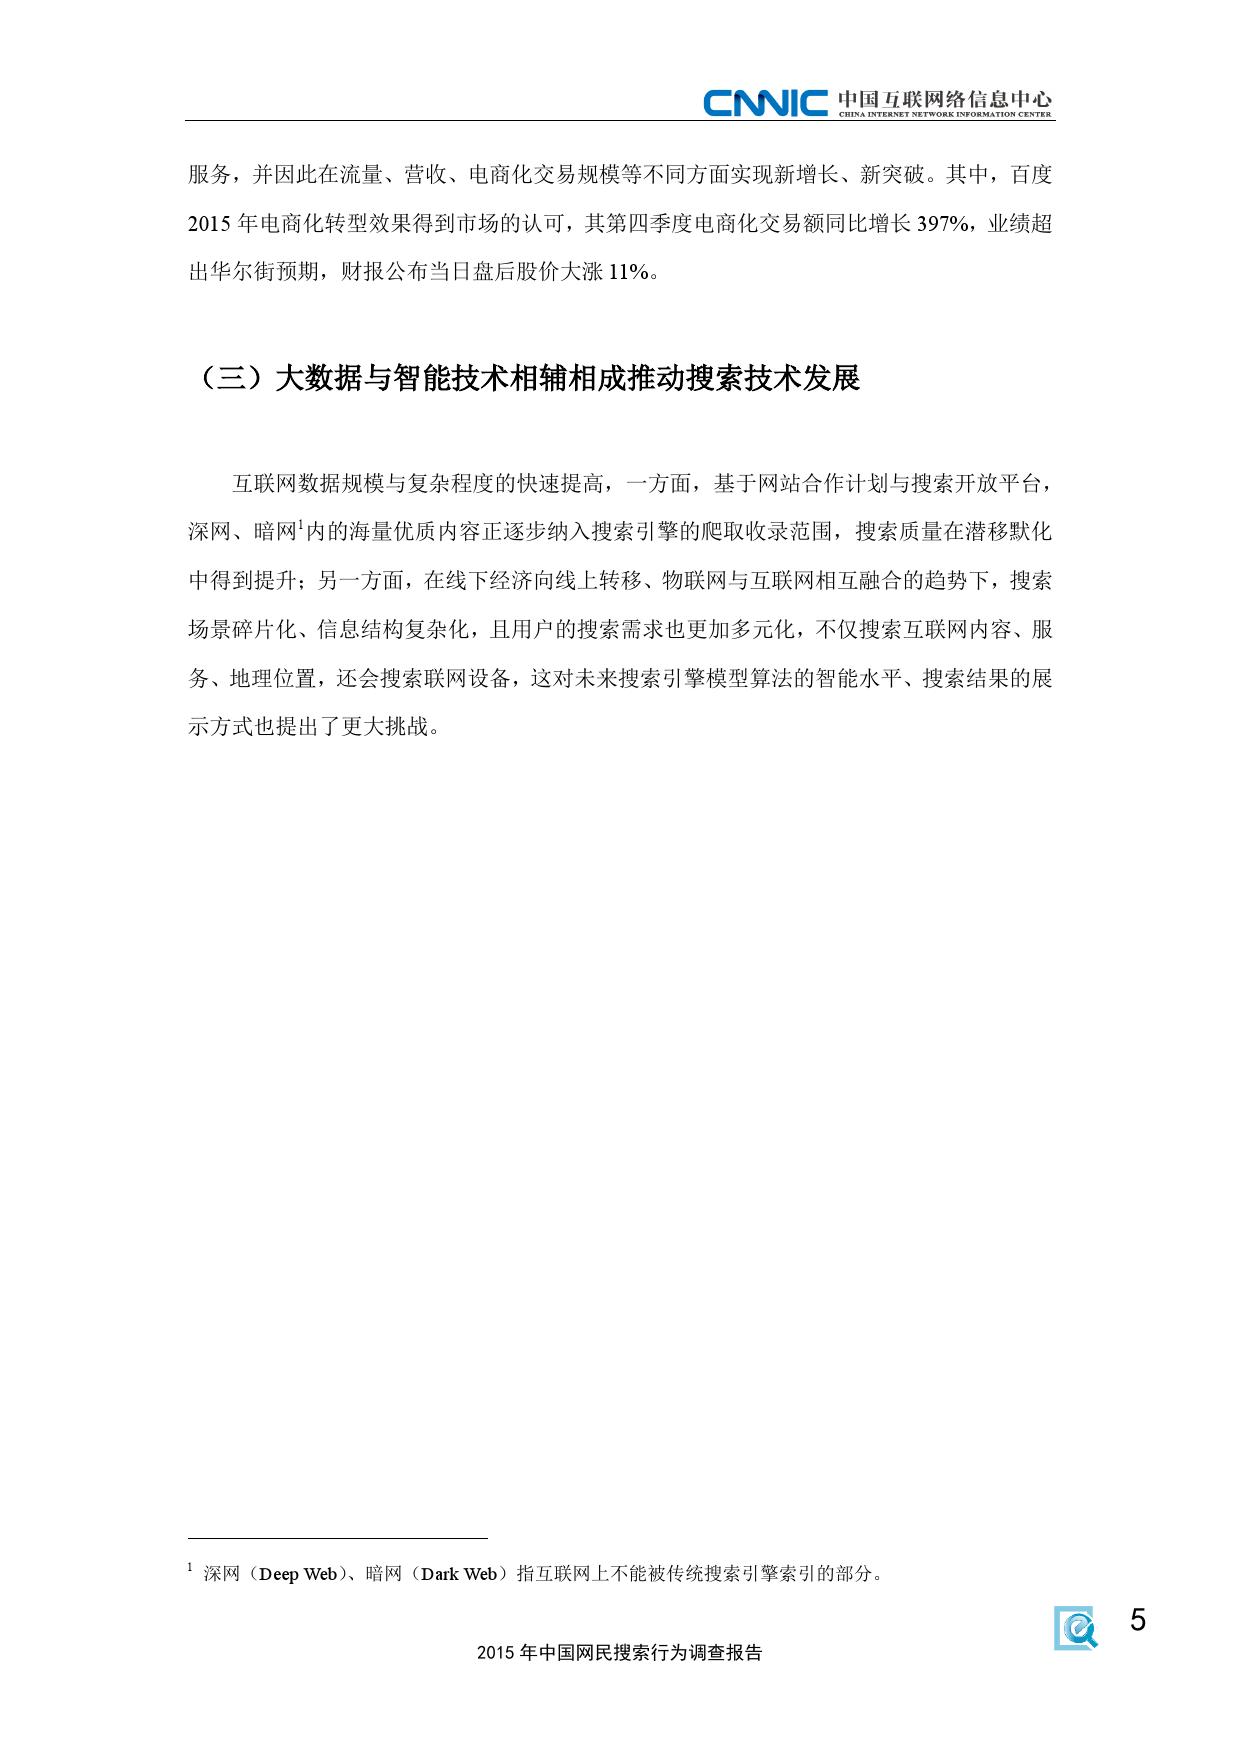 CNNIC:2015年中国网民搜索行为调查_000013